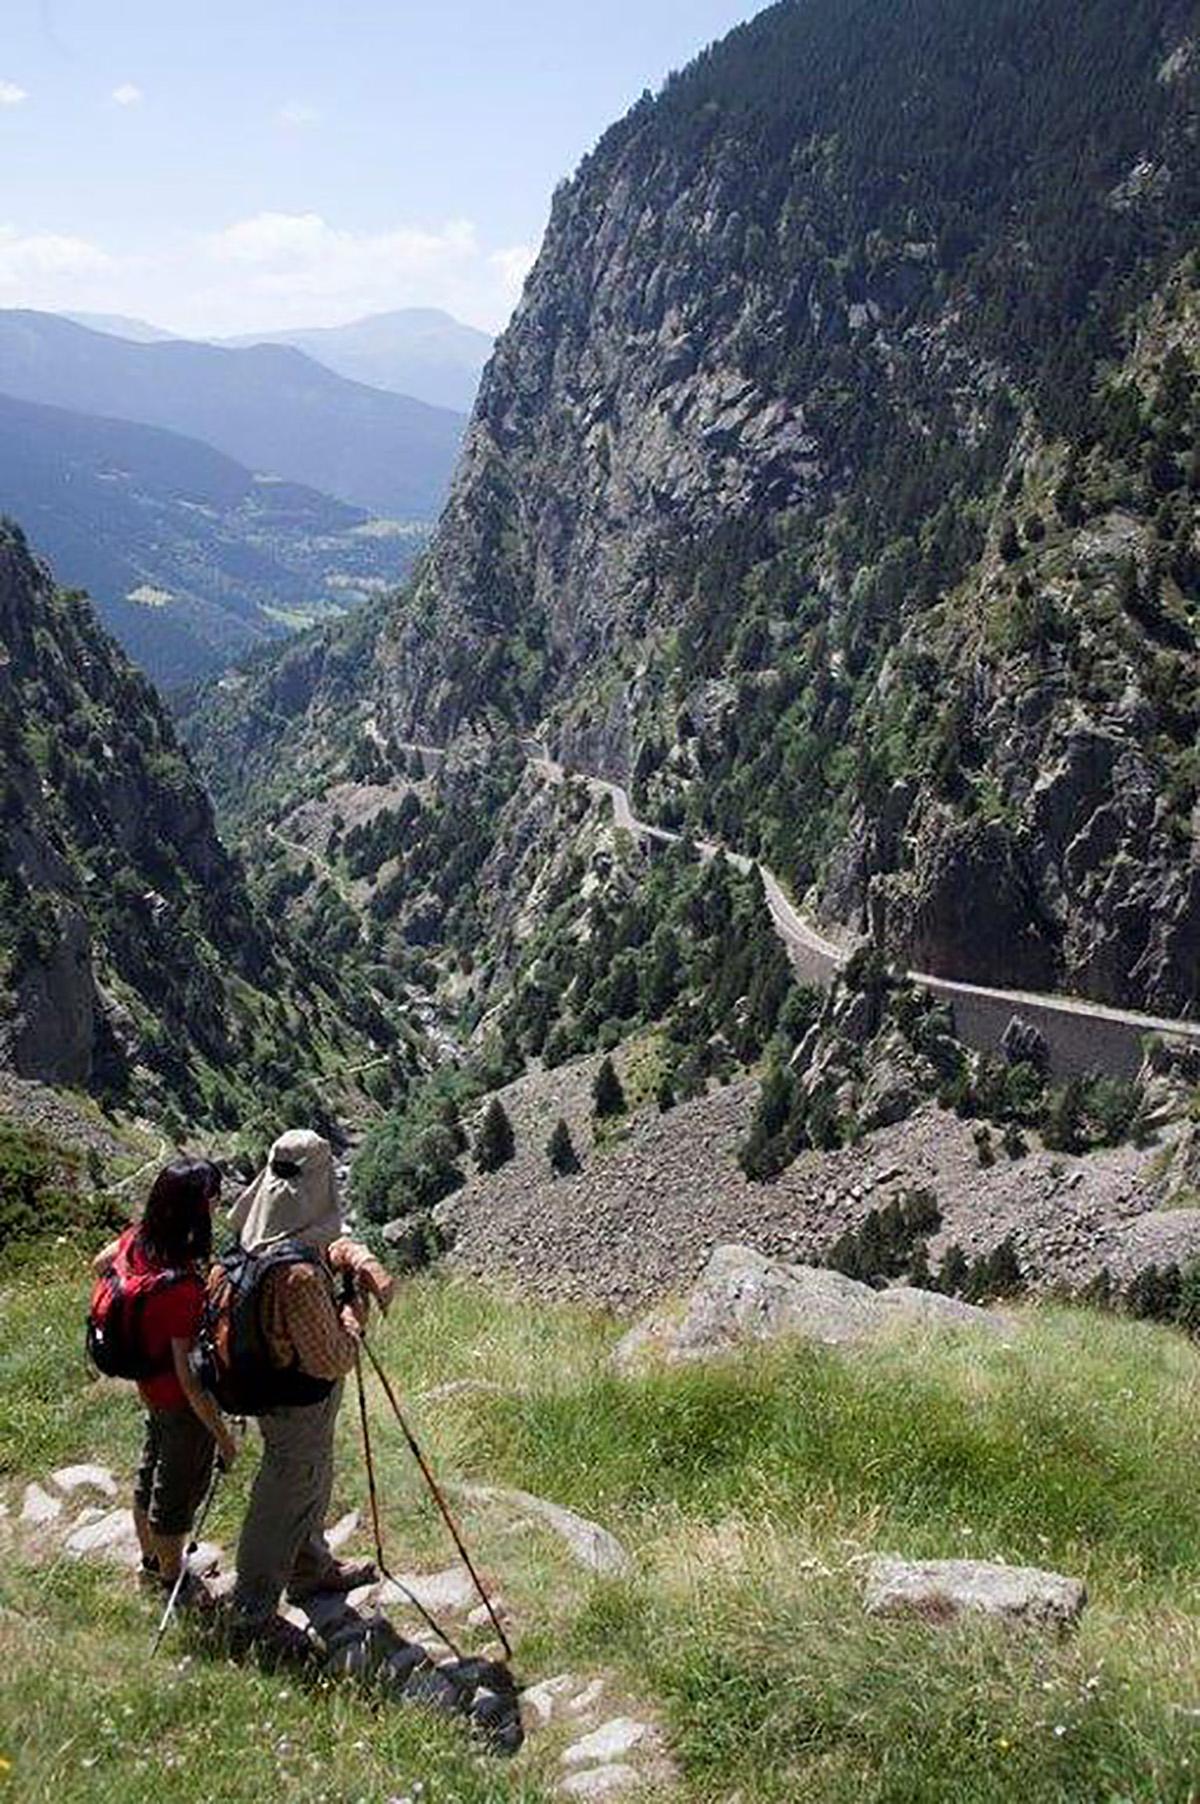 https://api-permanent-routes.livetrail.net/6122c9d6-c96a-4fb2-b291-f7fd508e7252.jpg